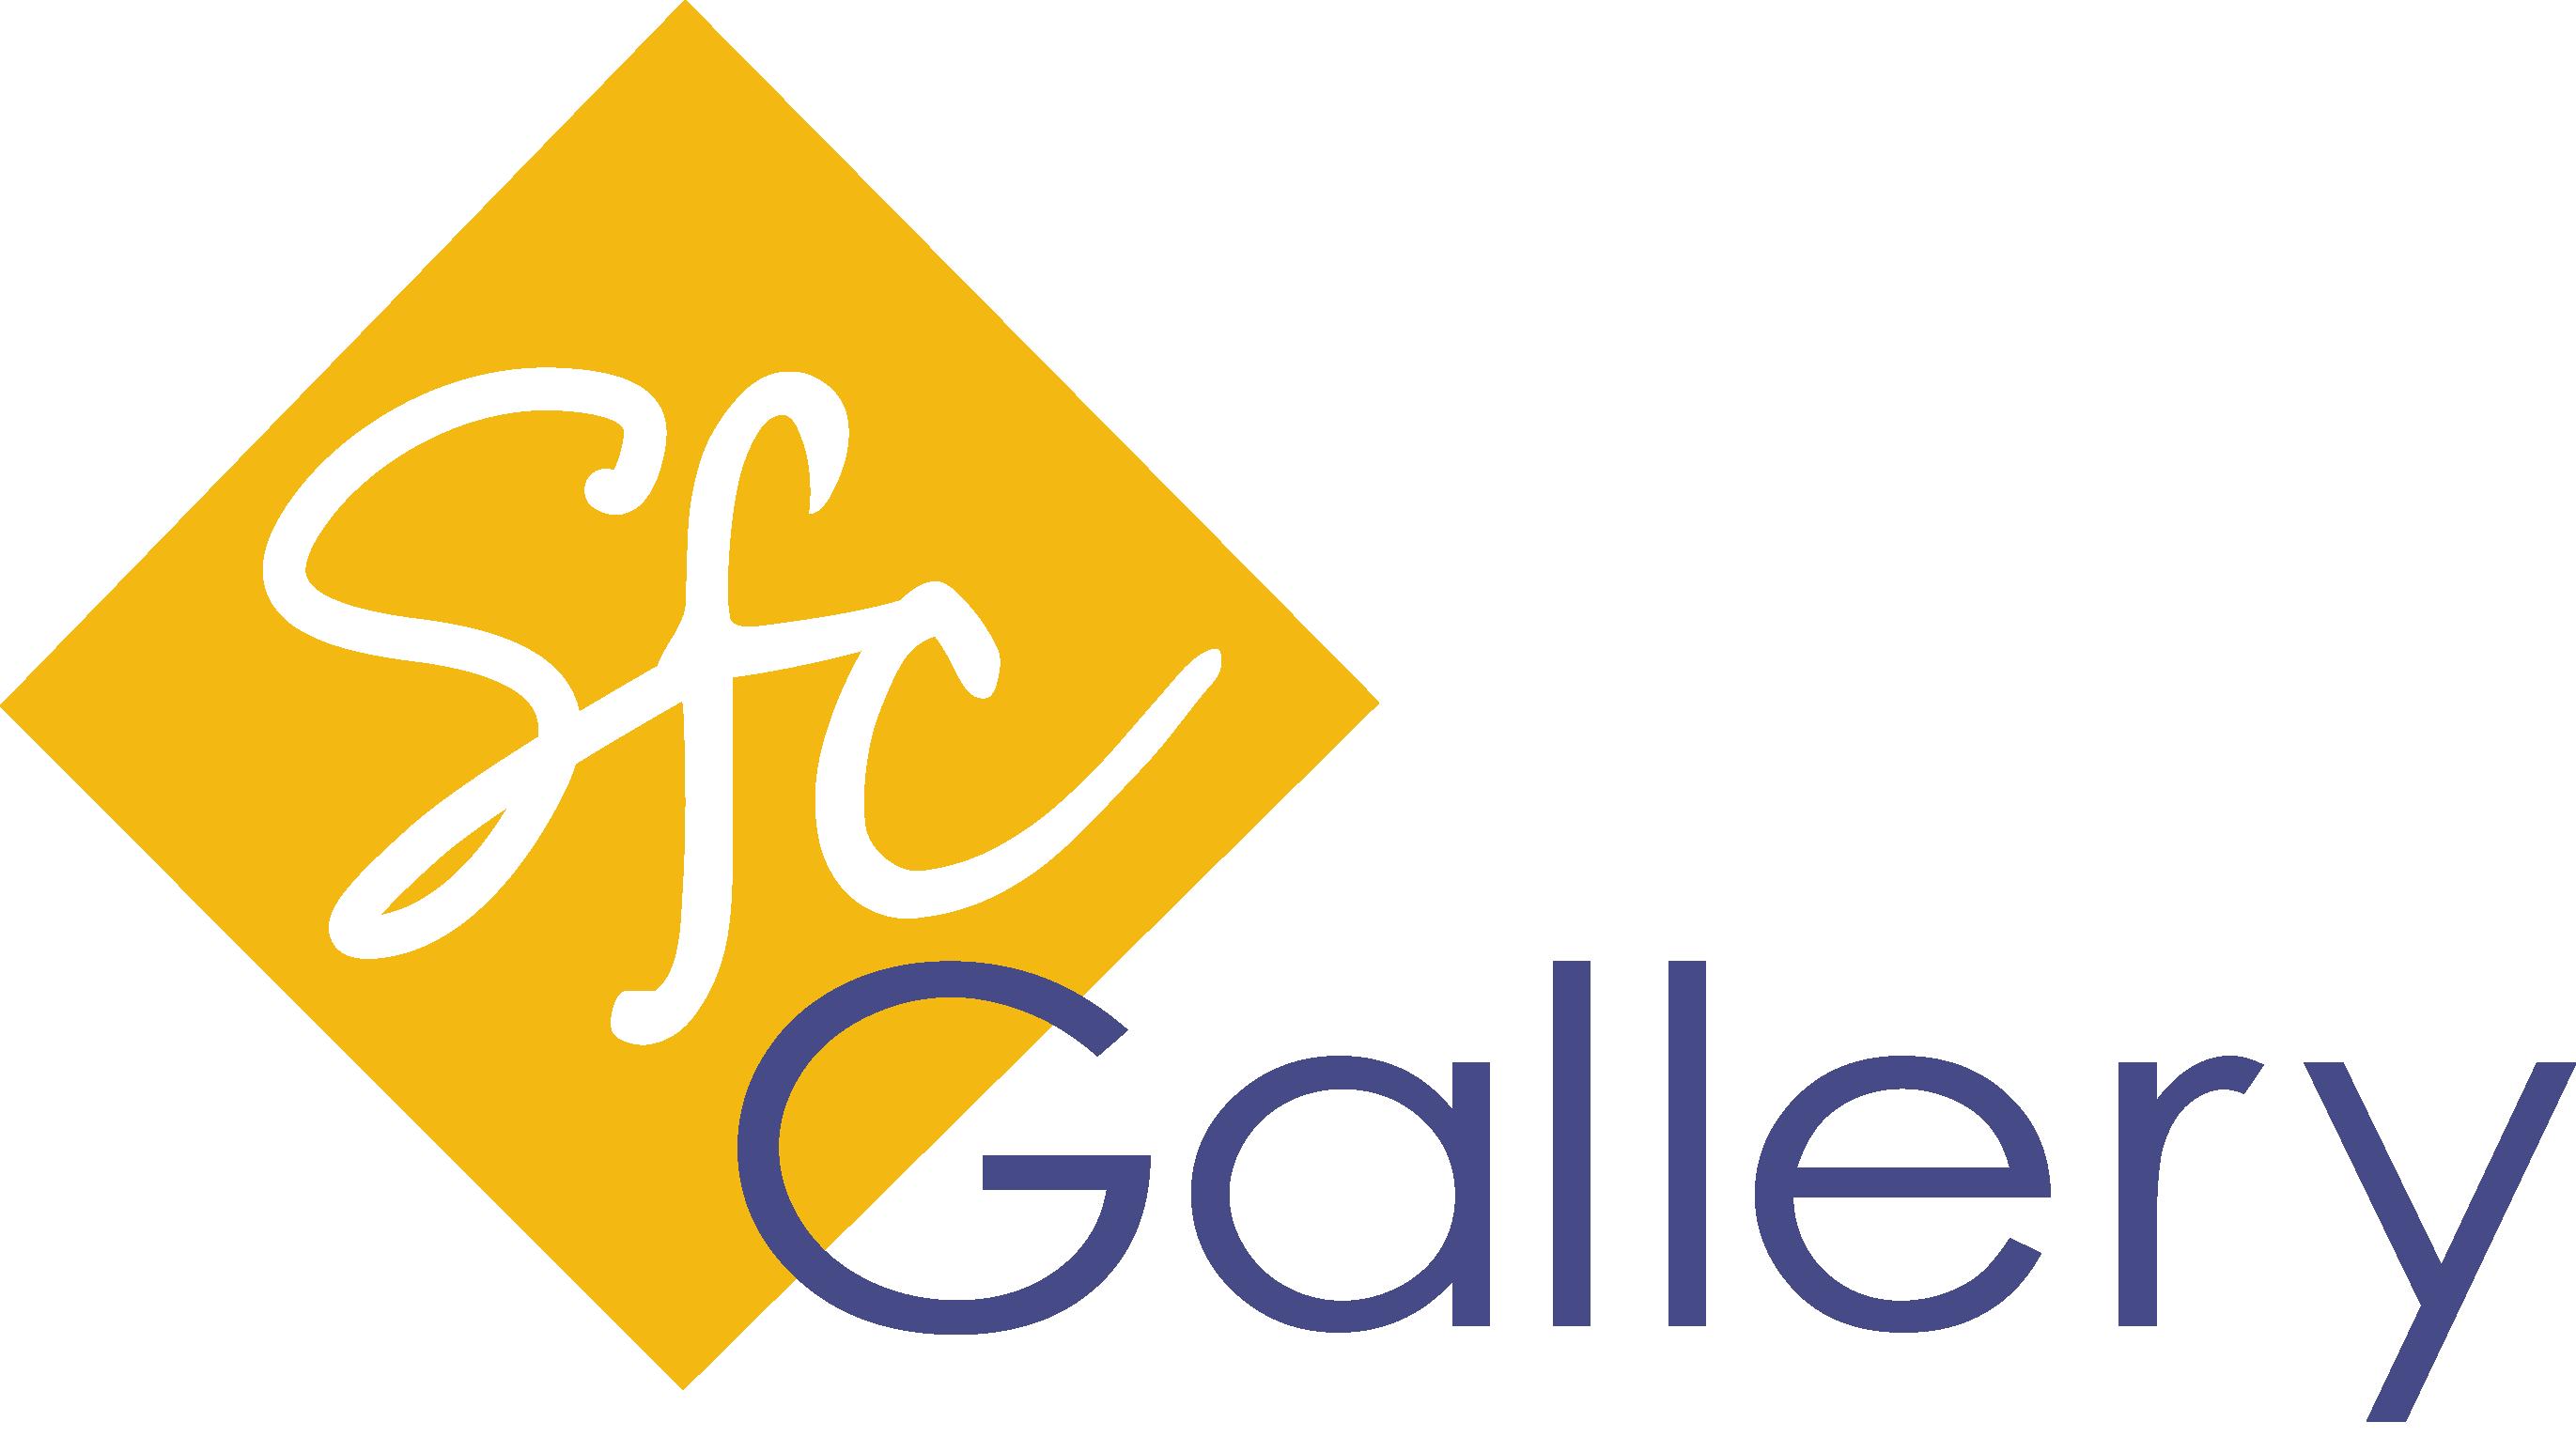 Sfc_Gallery_logo_original_editable